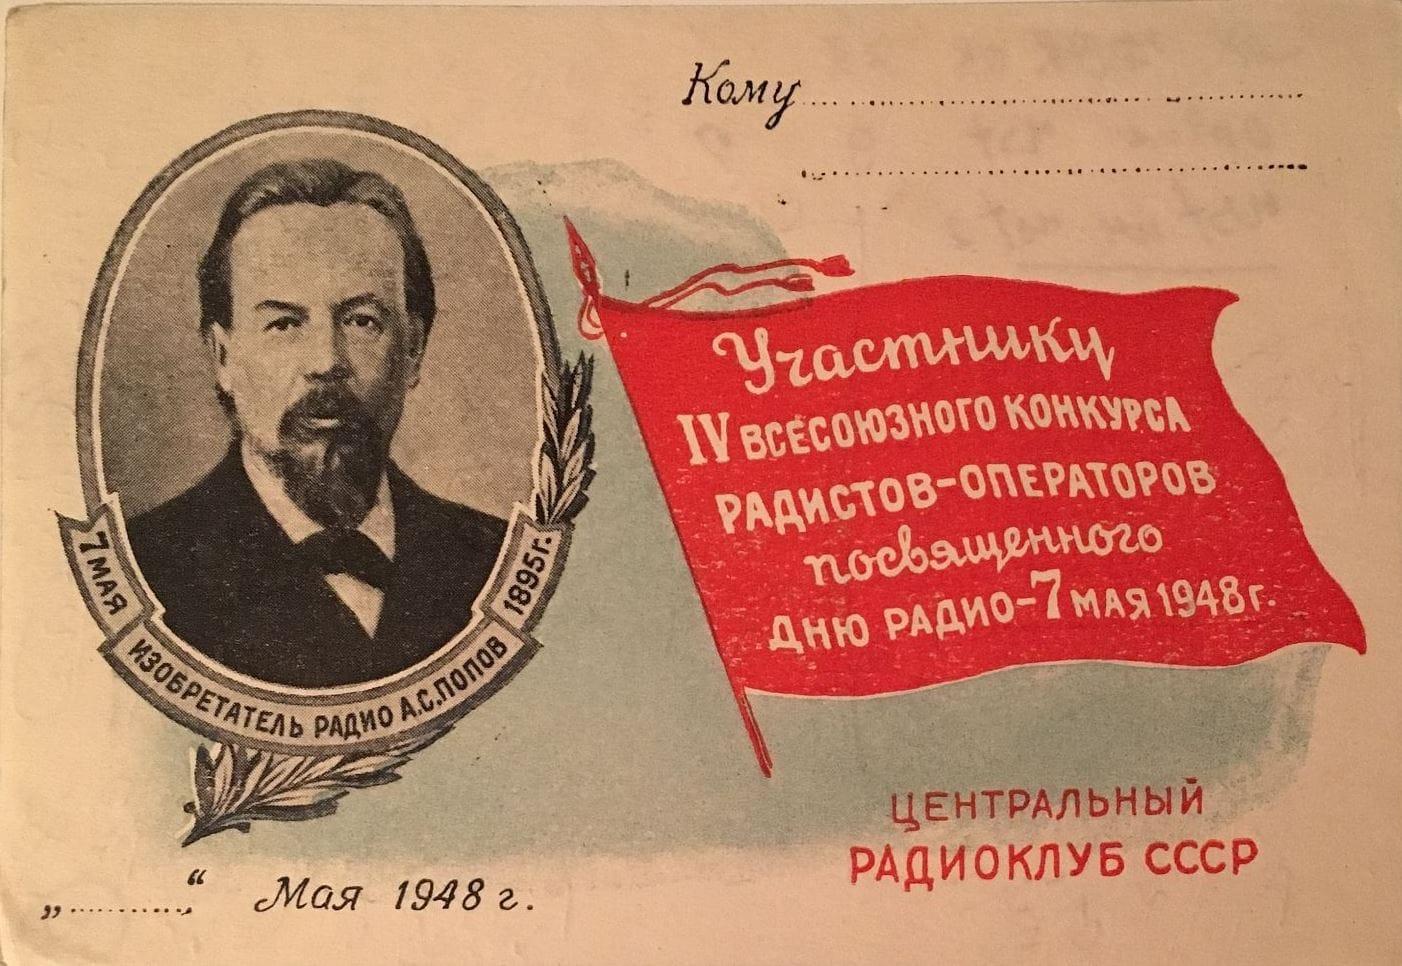 Карточка радиообмена «Участнику IV всесоюзного конкурса радистов-операторов», посвященного Дню Радио - 7 мая 1948 г. ЦРК СССР